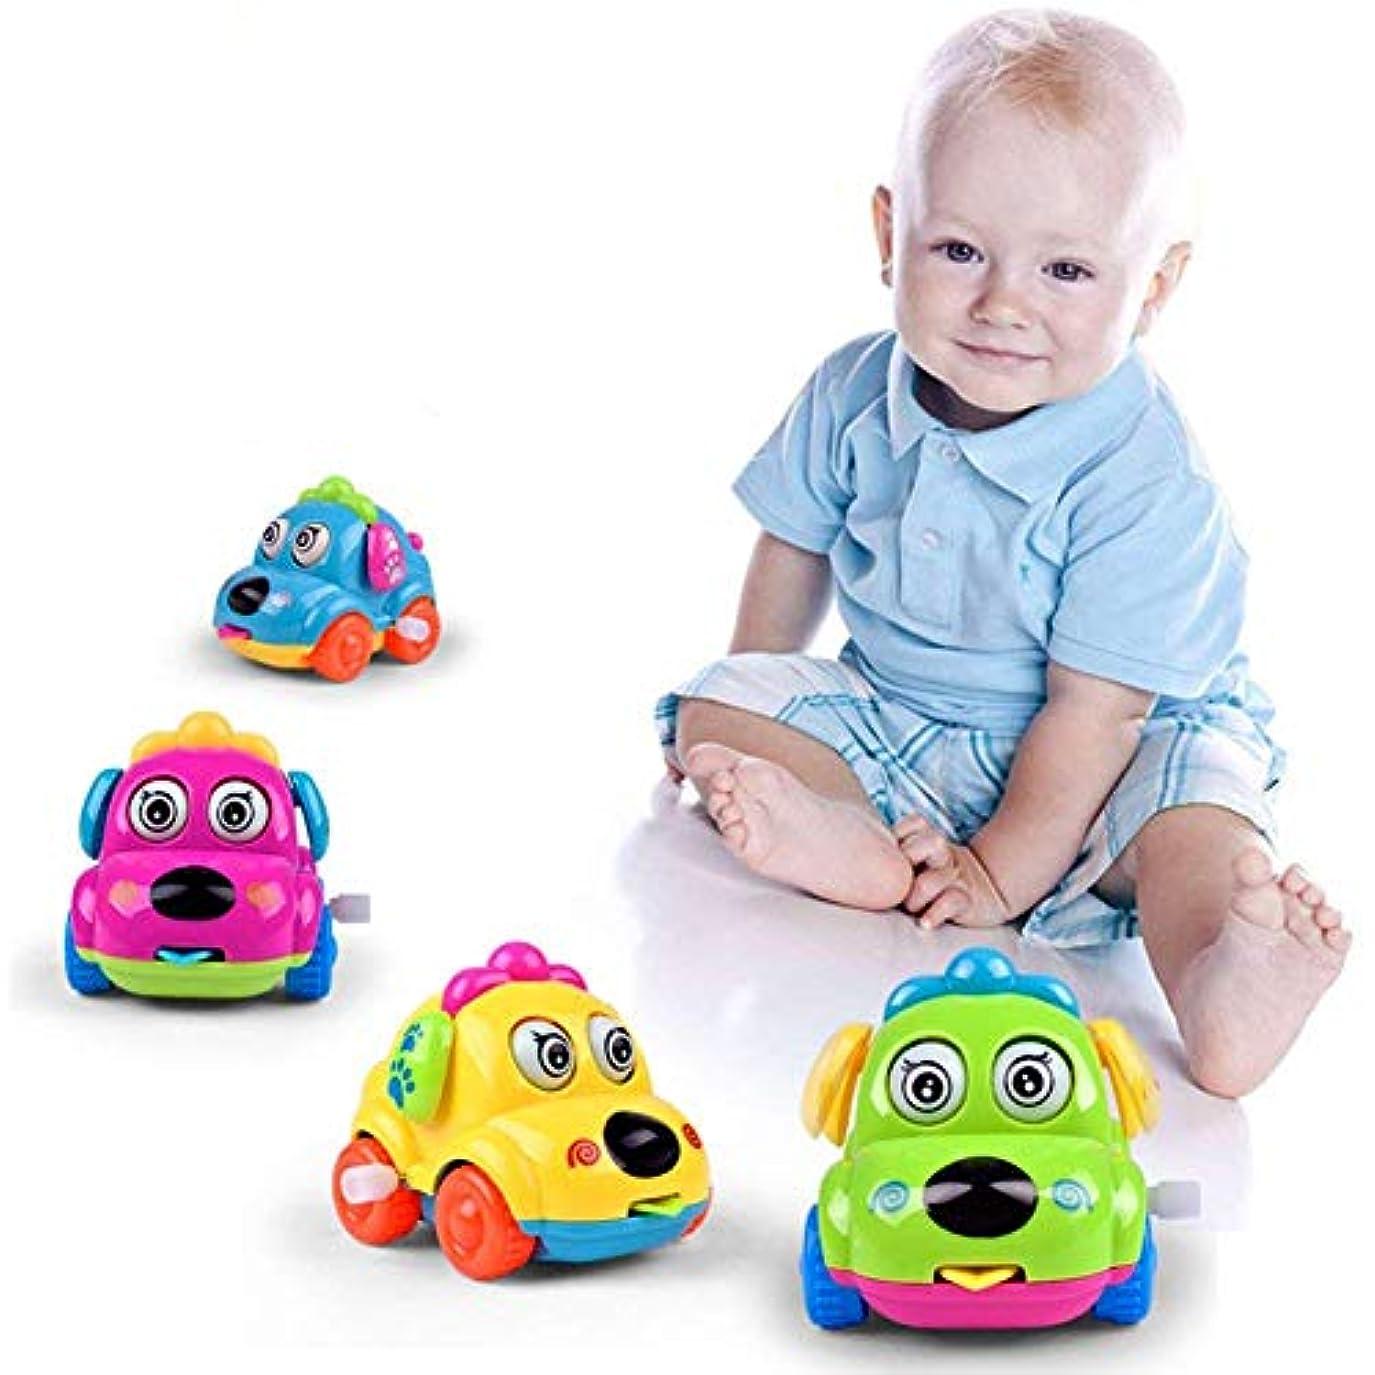 レプリカ意気込み戦争RETYLY 1個 子供幼児のおもちゃ スプリングの時計 カー車のおもちゃ 少年少女、ランダムな色